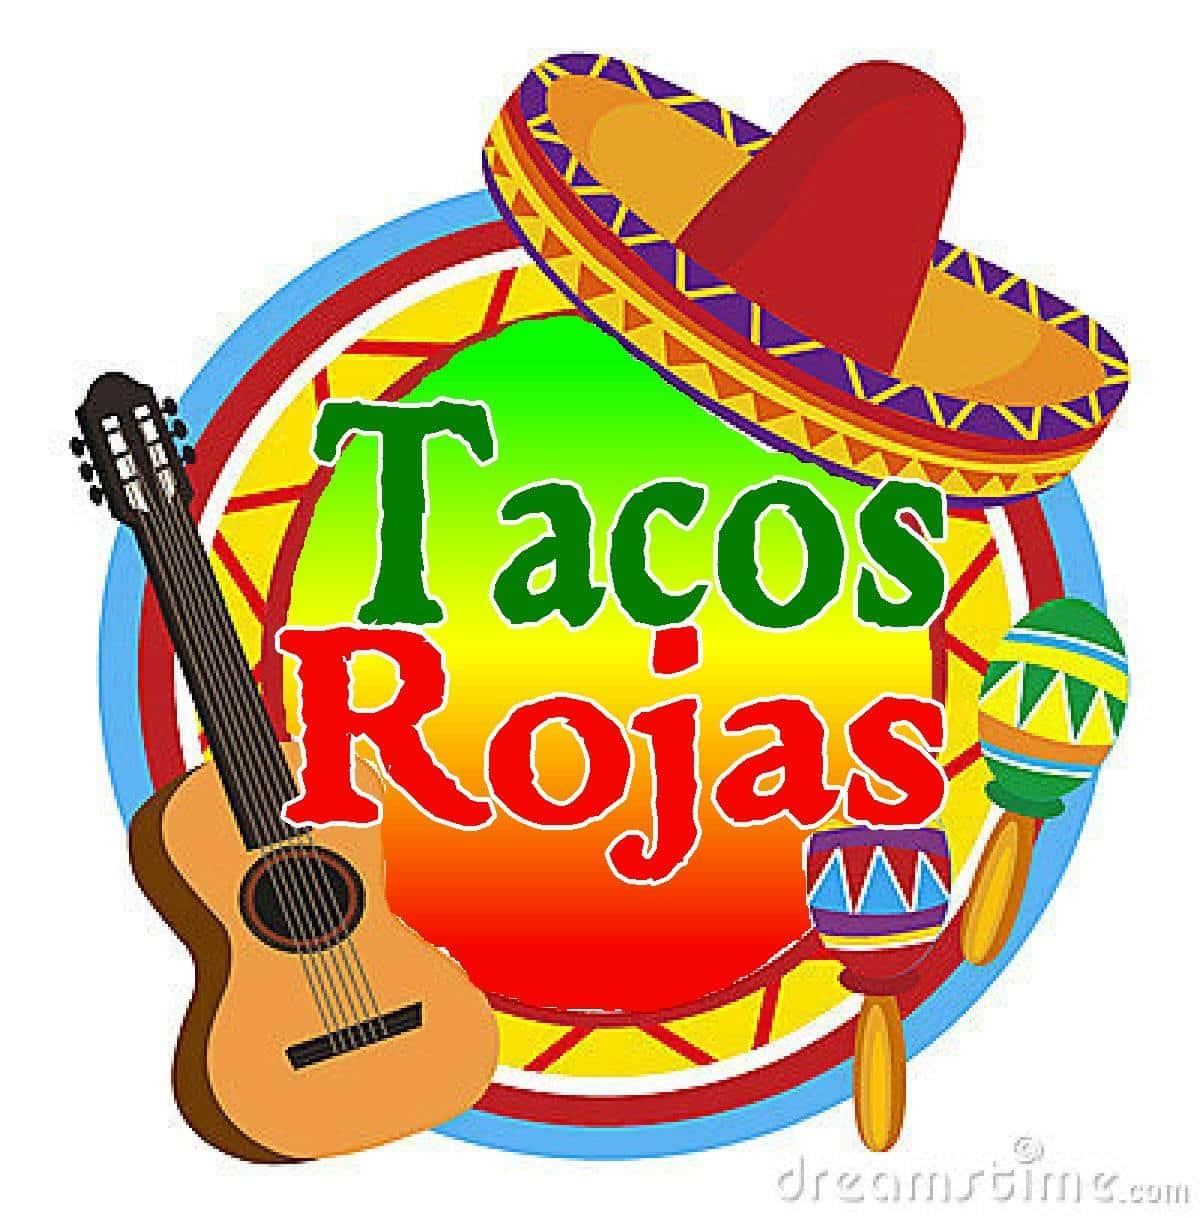 Tacos Rojas - Best Tacos Roanoke VA - Yoanoke Onliine